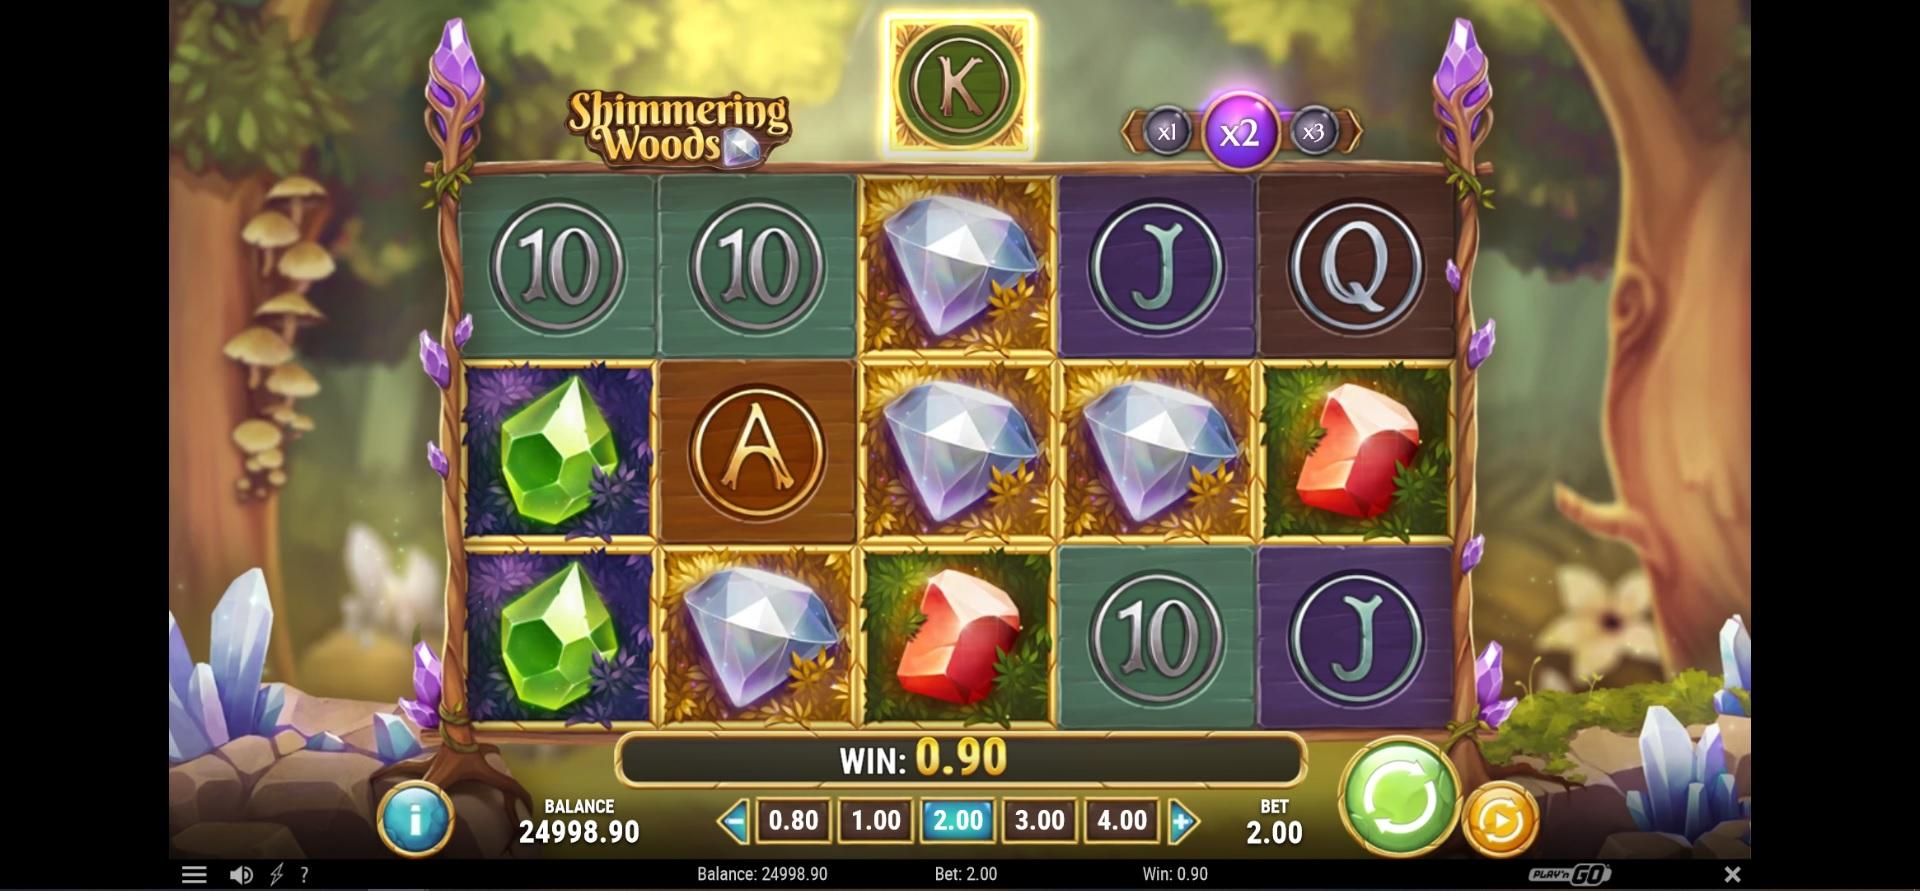 slots-shimmering-woods-slot-playngo-reels-main-game